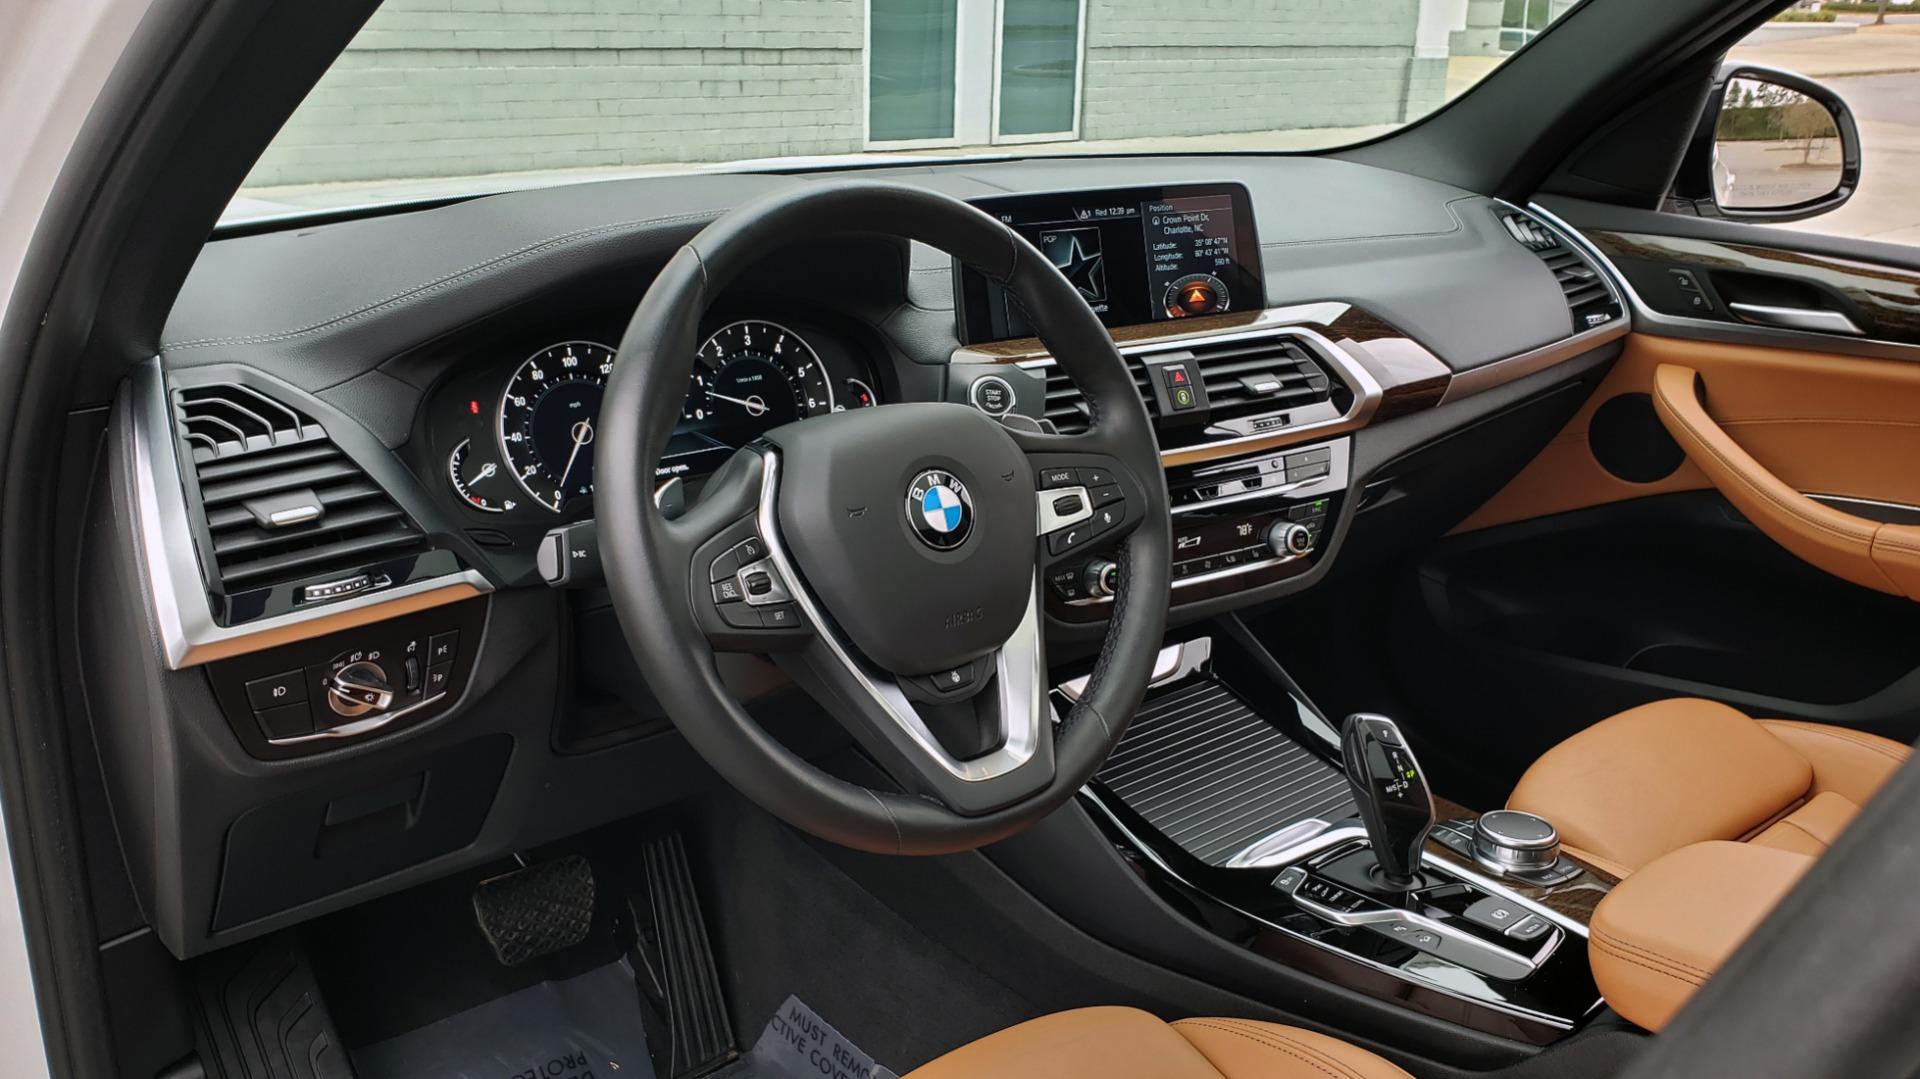 Used 2018 BMW X3 XDRIVE30I / LUX PKG / PREM PKG / CONV PKG / PDC / APPLE CARPLAY for sale Sold at Formula Imports in Charlotte NC 28227 40